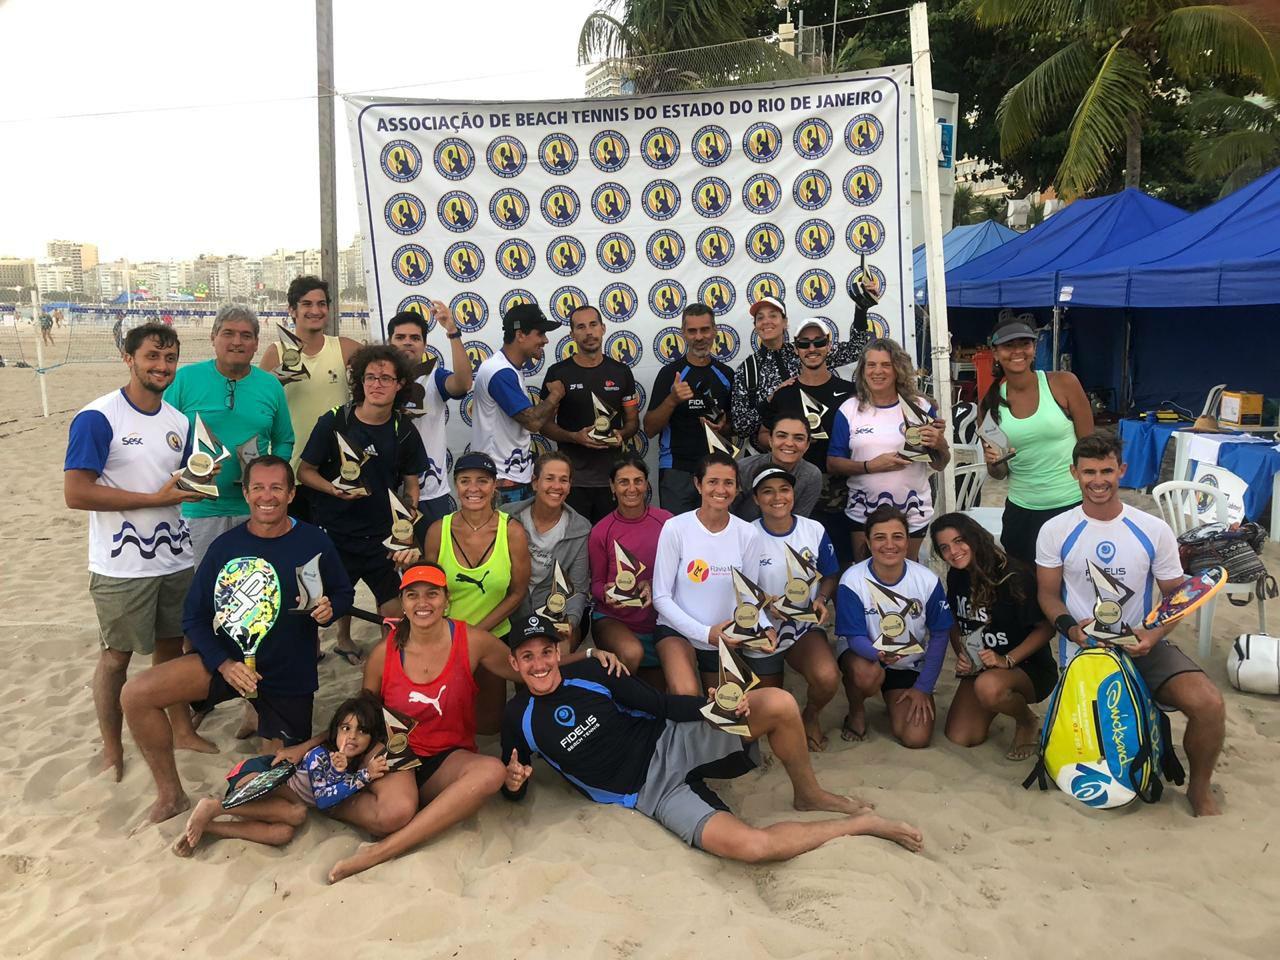 Alguns dos participantes da IV Maratona de Beach Tennis, em Copacabana